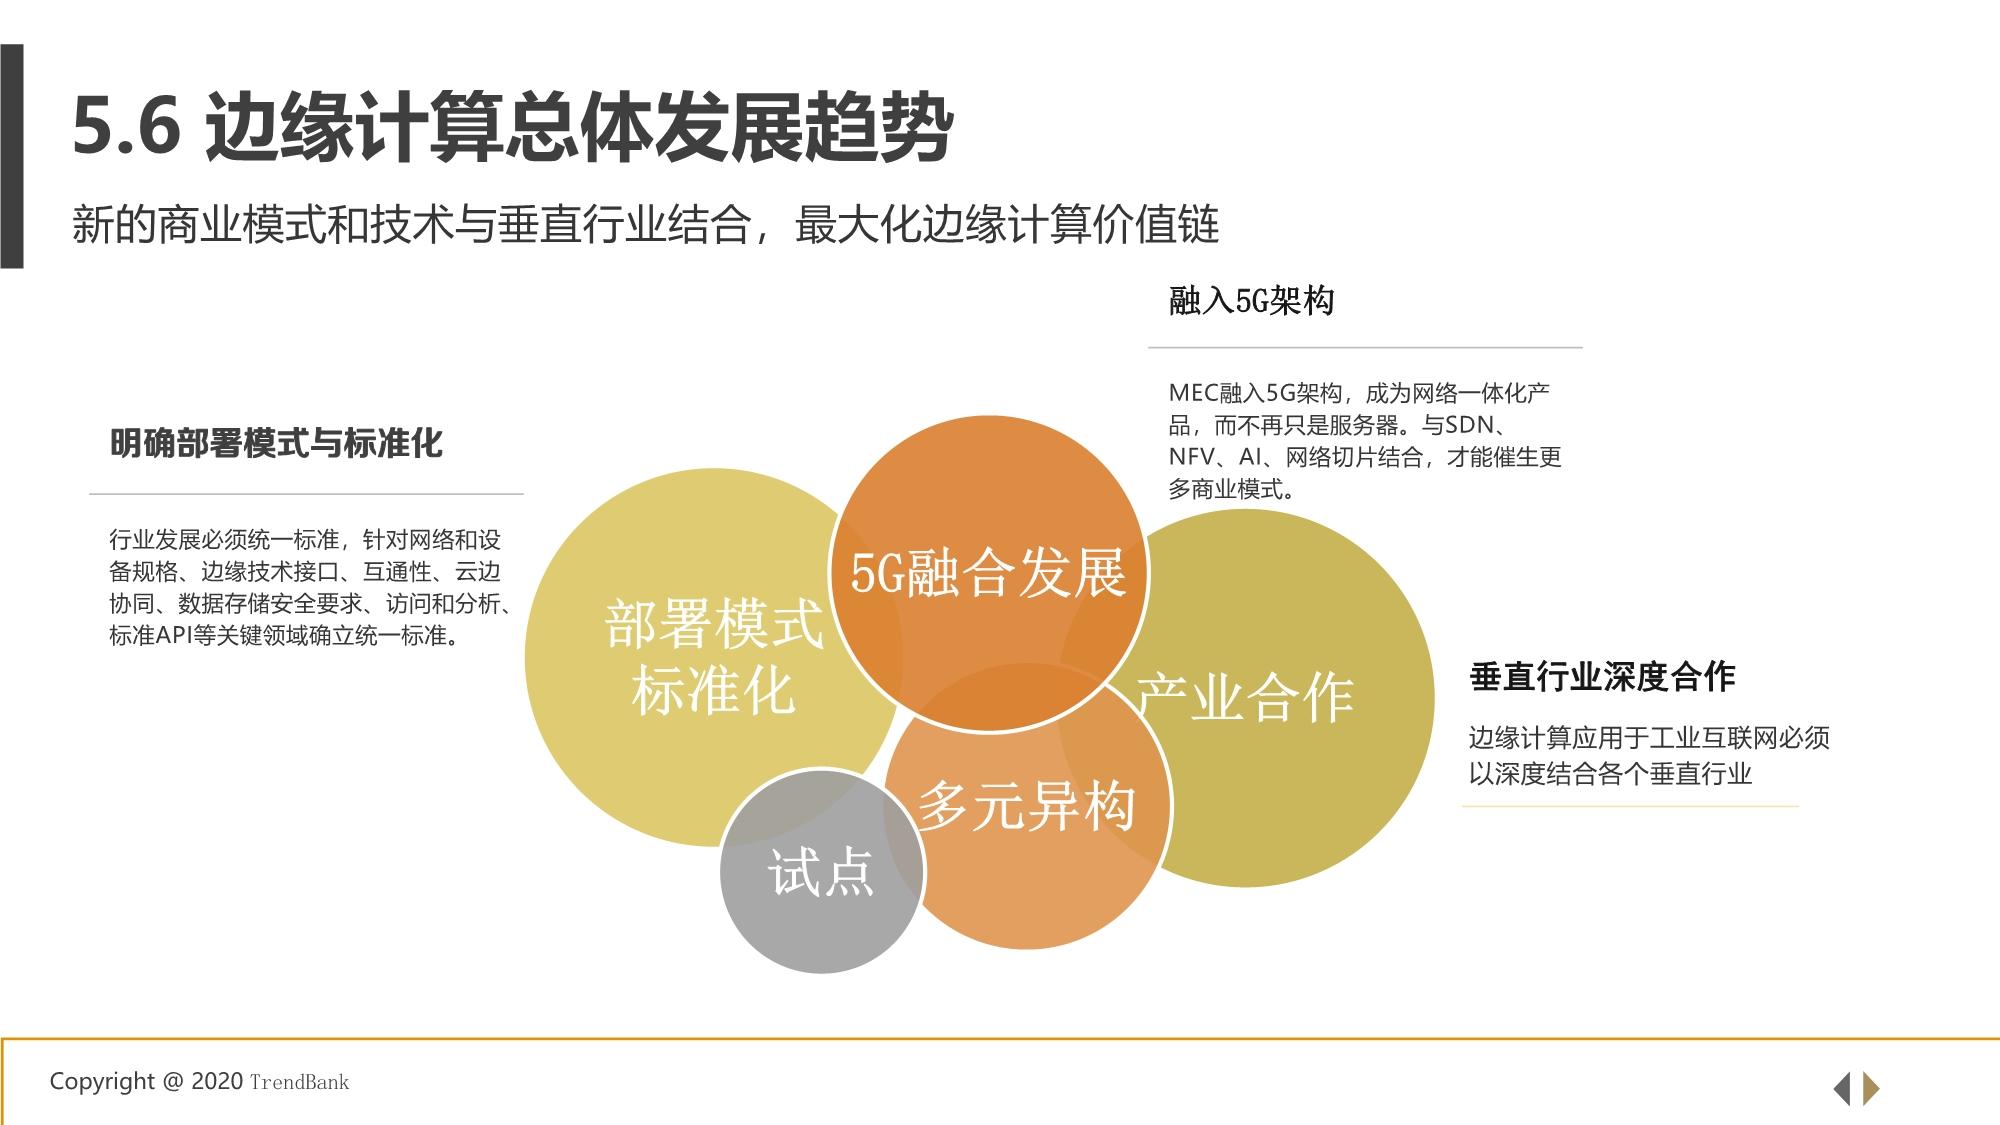 5G+工业互联网边缘计算行业研究